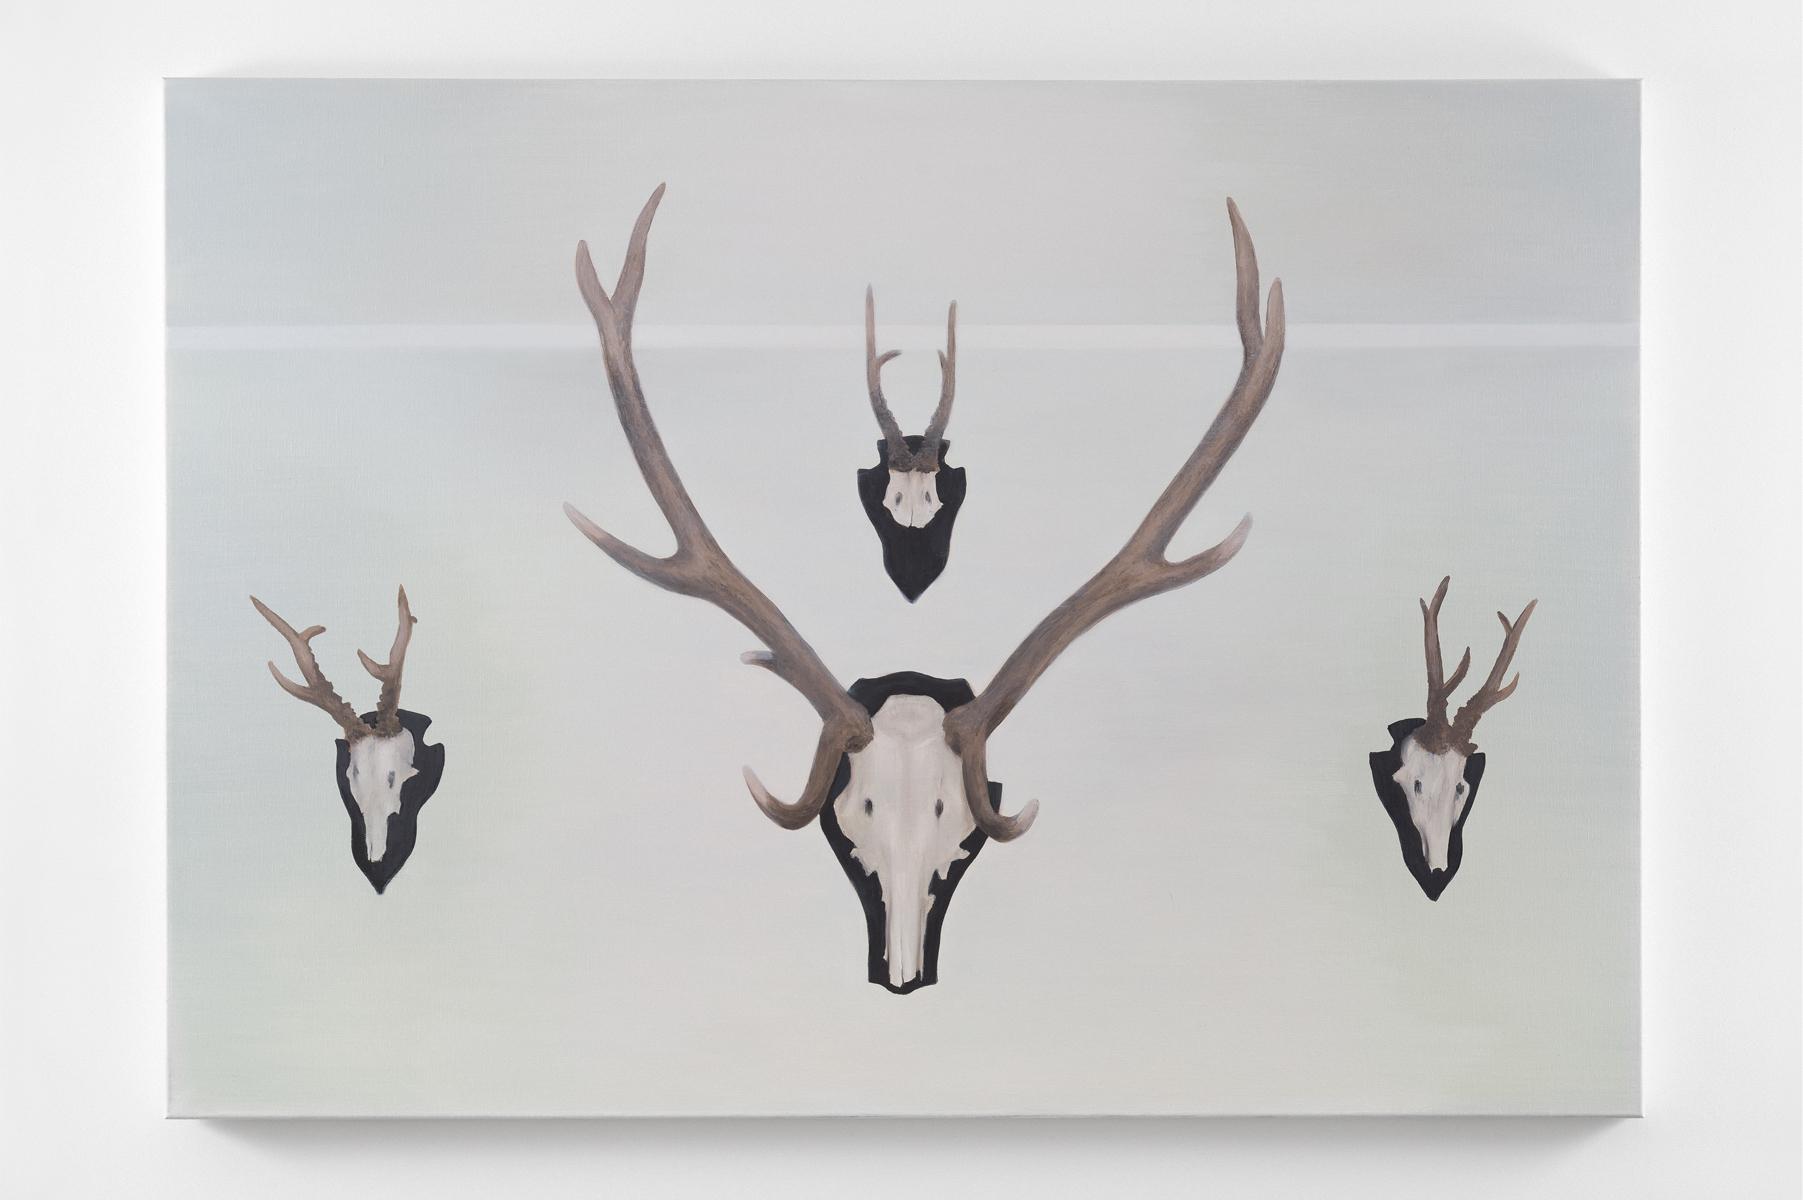 Decor / 2014 / 175 x 130 x 4 cm / oil on canvas